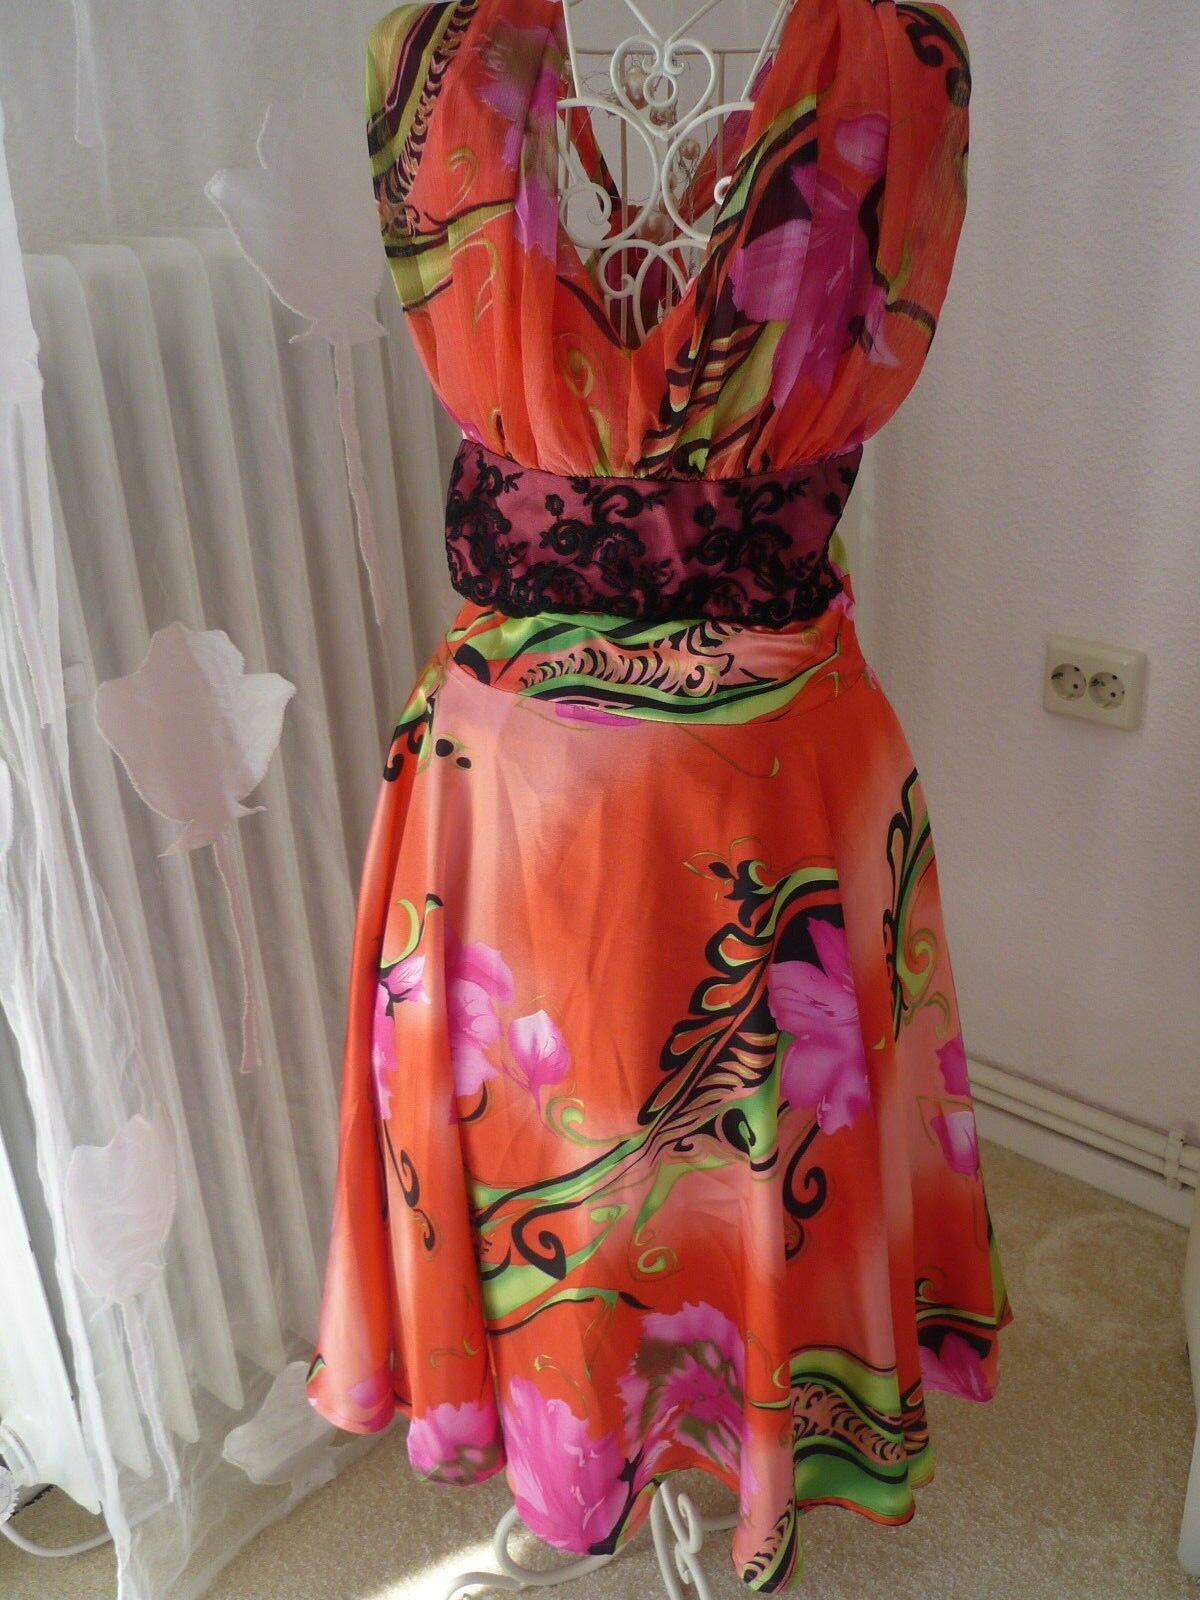 Neu mit Etikett__Neckholder-Kleid Gr. 34 36